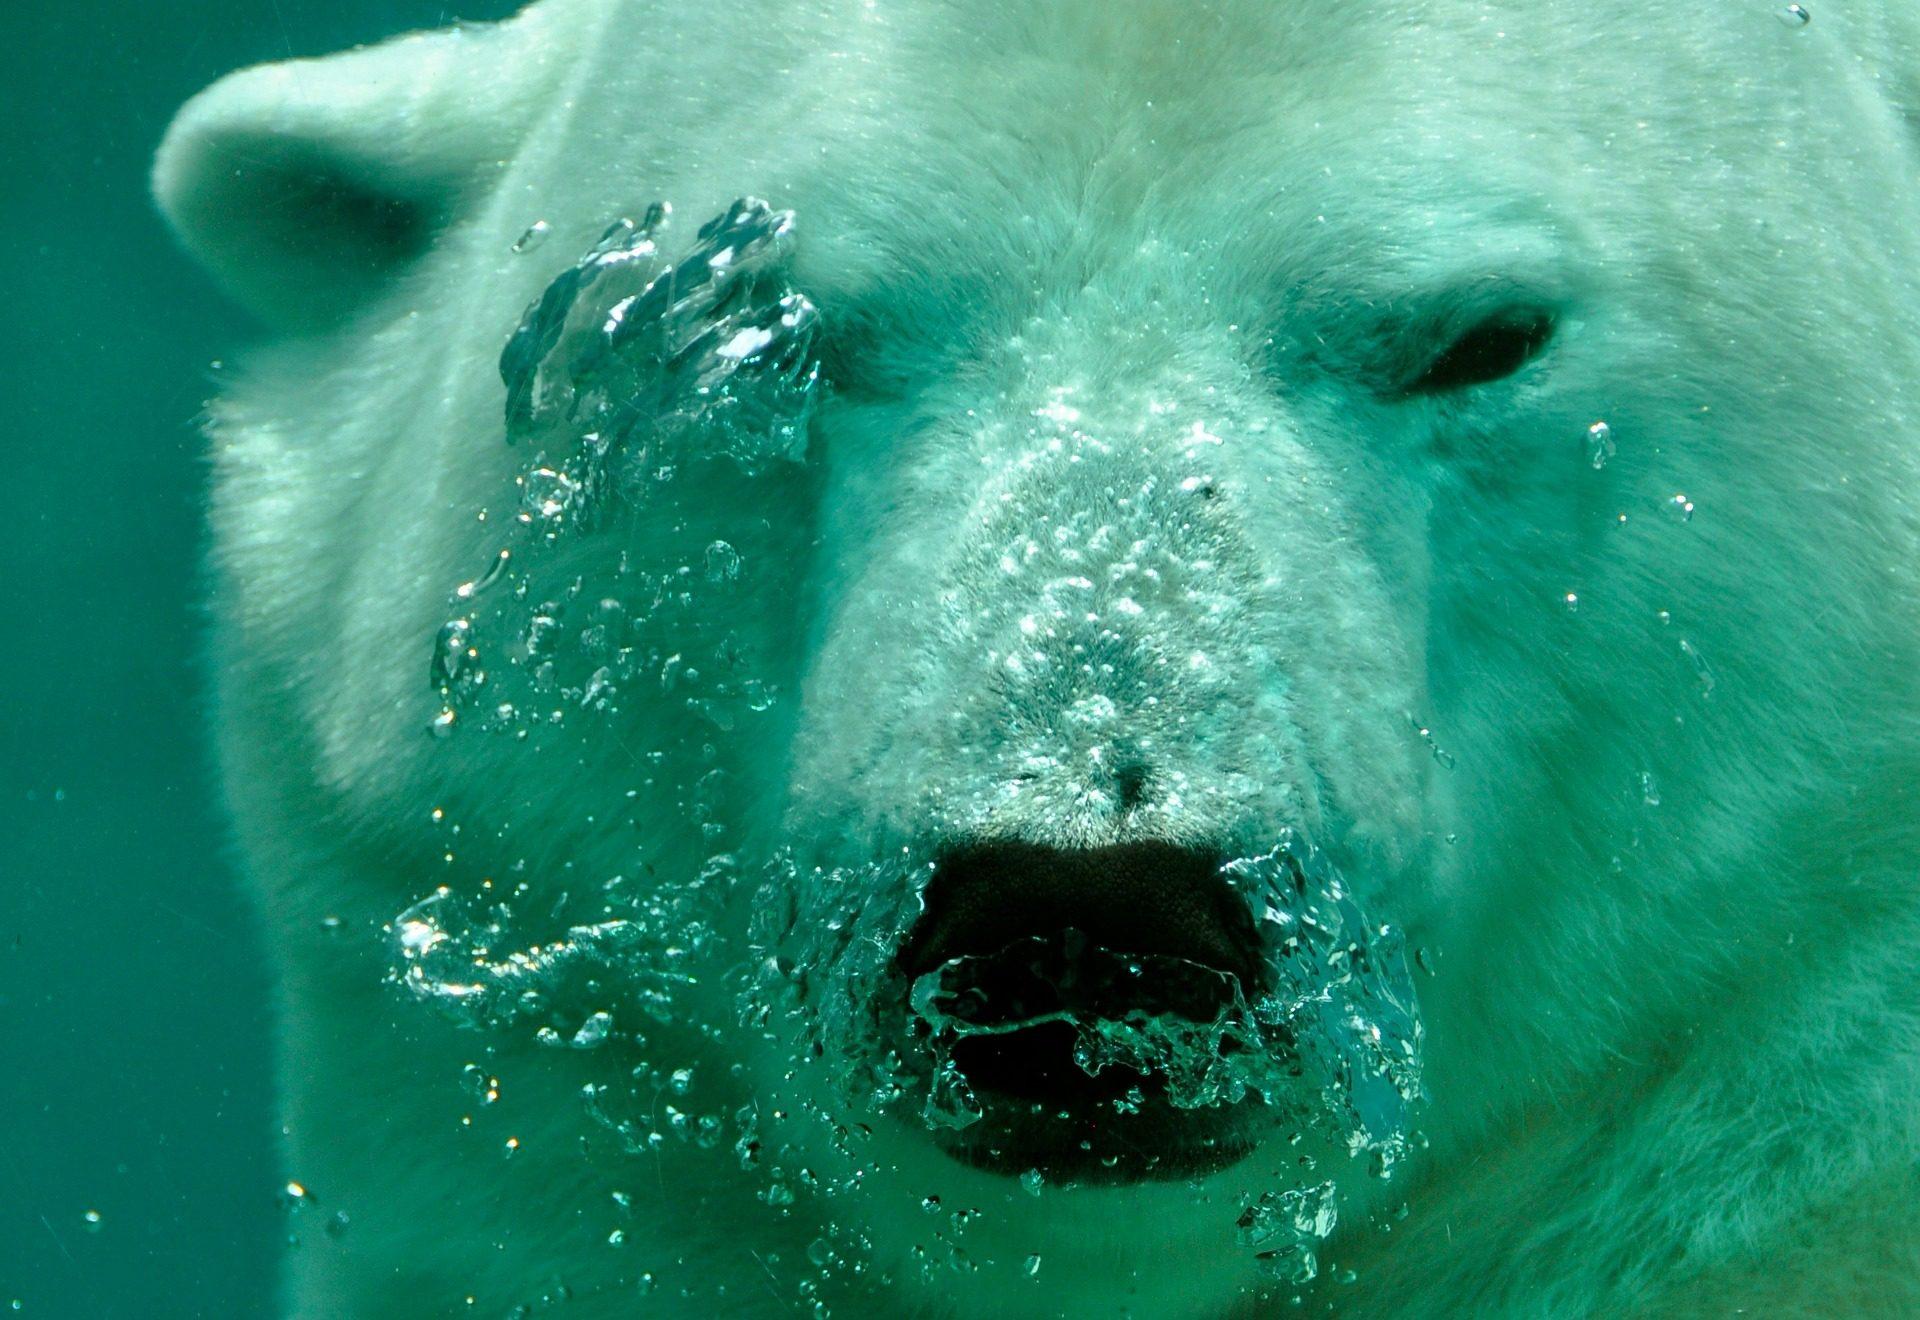 urso, Polar, mamífero, água, debaixo d'água - Papéis de parede HD - Professor-falken.com